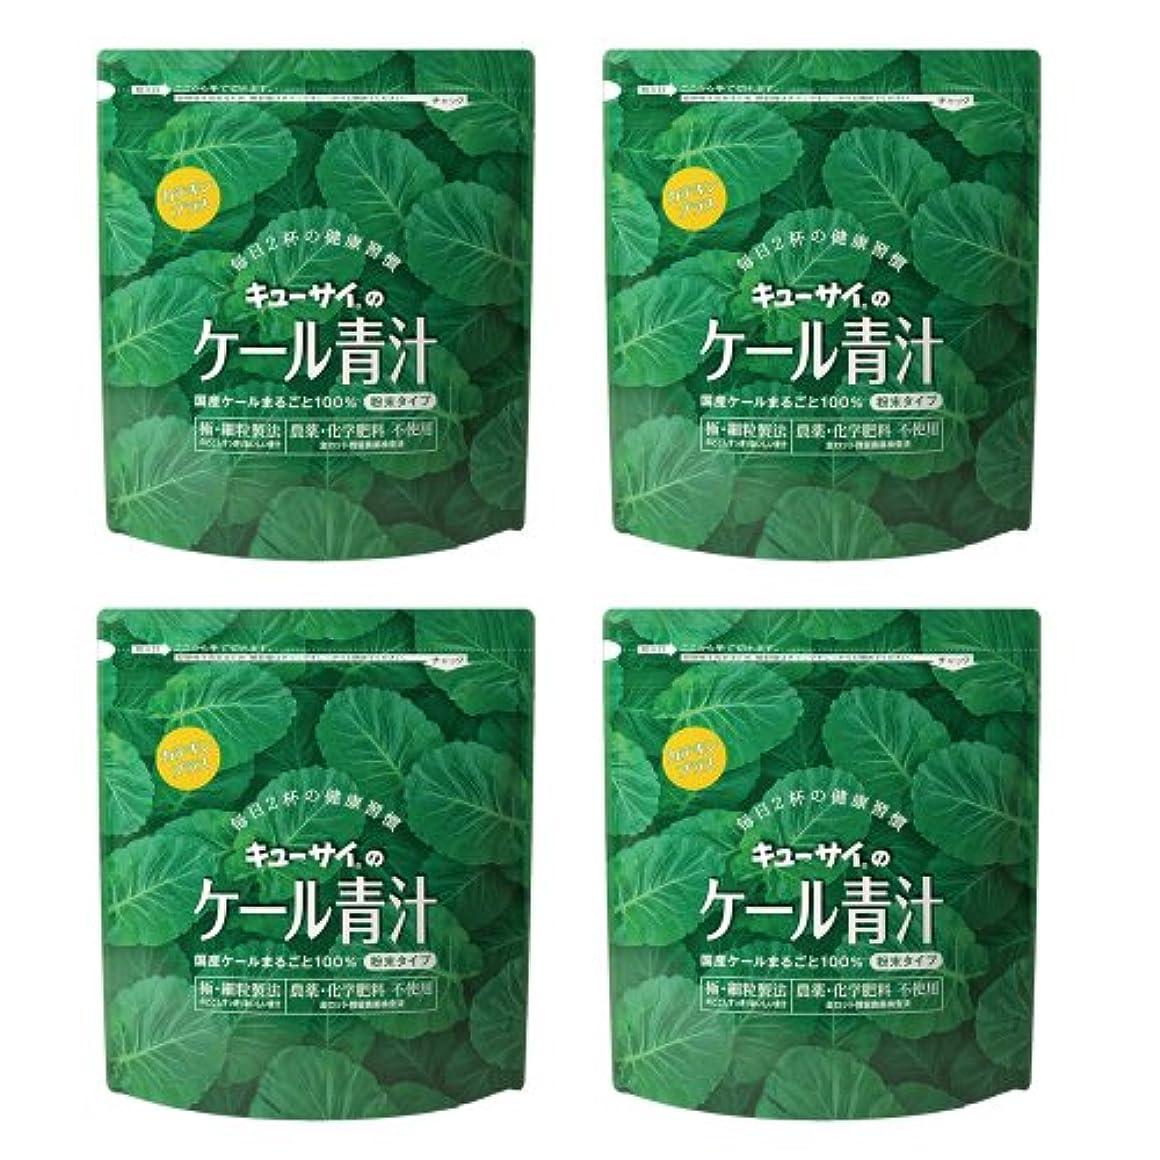 腹痛寛大な寛大なキューサイ青汁カテキンプラス420g(粉末タイプ)4袋まとめ買い【1袋420g(約1カ月分)】